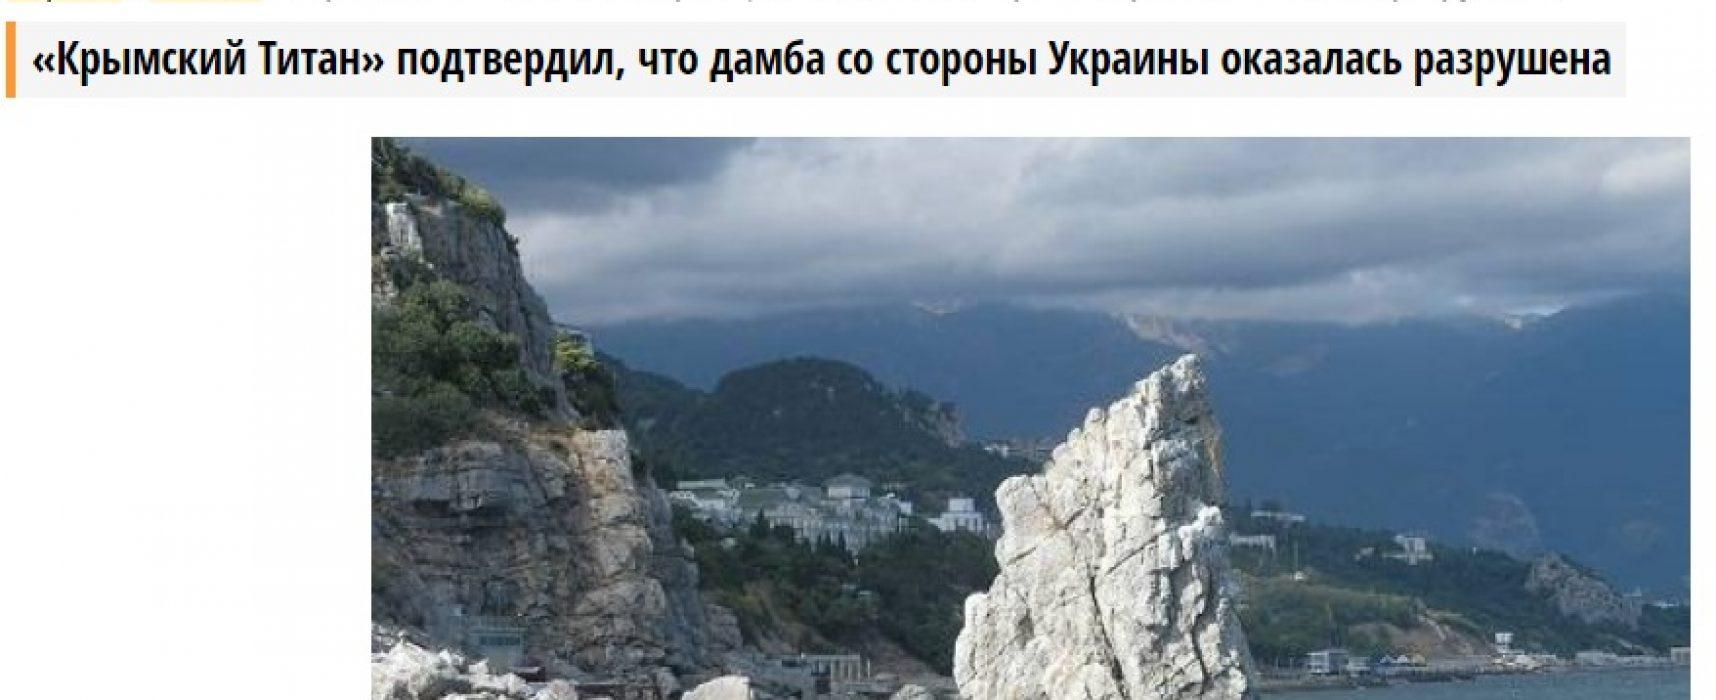 Falso: Dique cerca de la planta Krymsky Titán fue destruido por fuerzas ucranianas